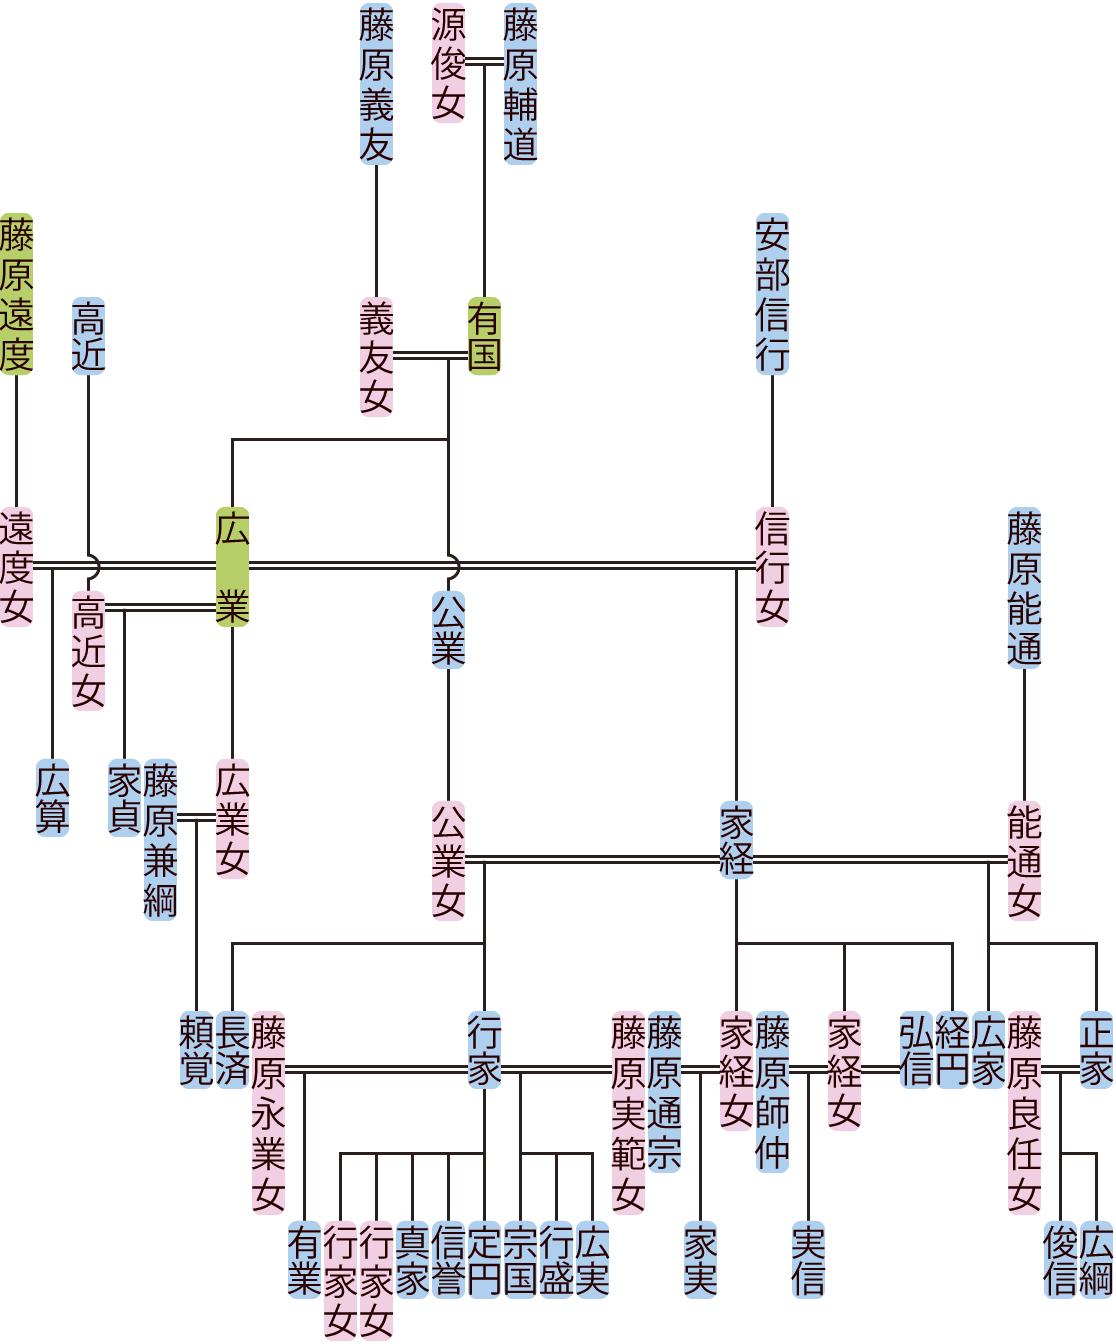 藤原広業・家経の系図